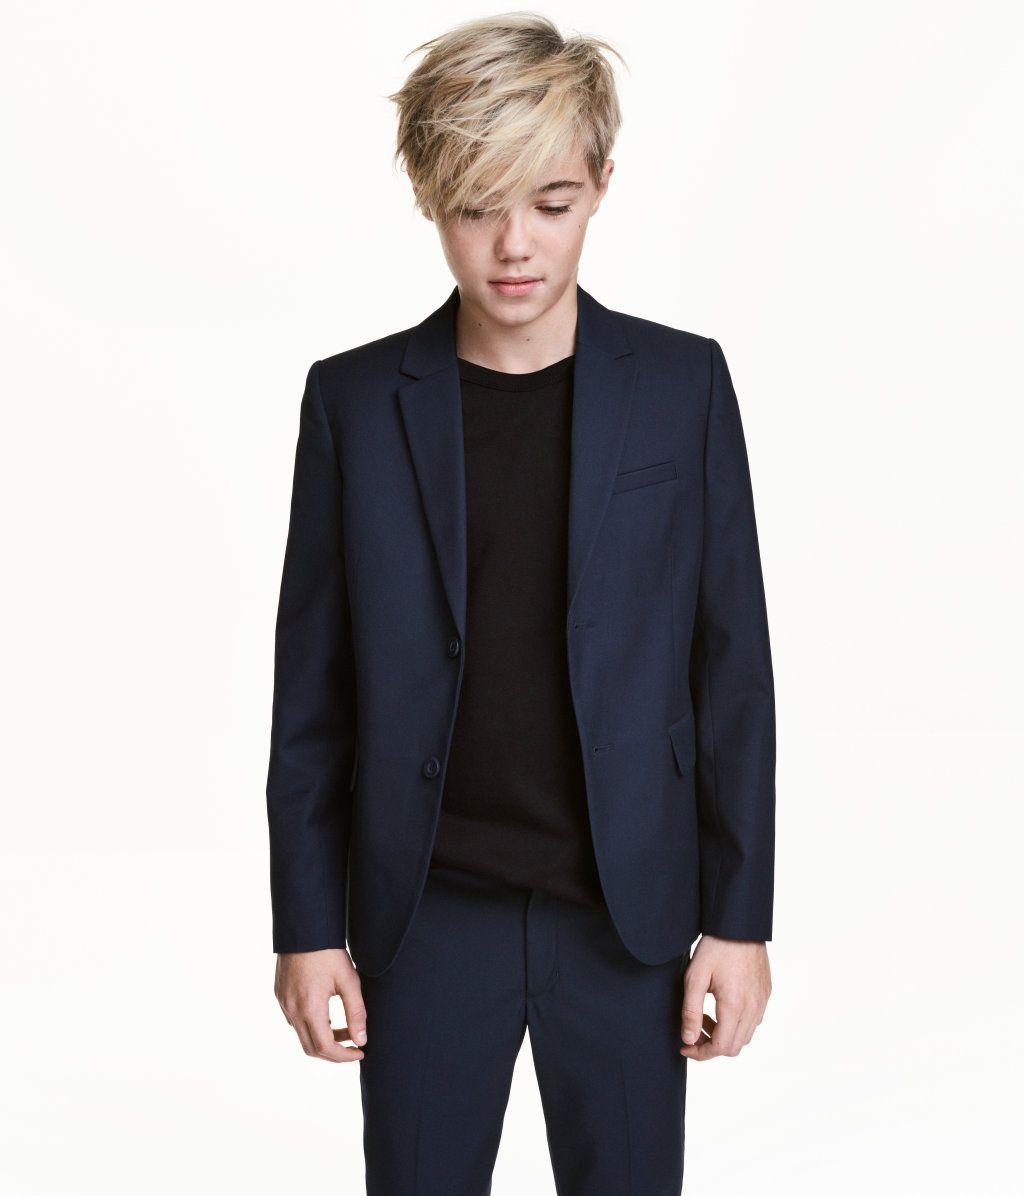 Mørkeblå. Klassisk jakke i vævet kvalitet med indvævet uld. Har en brystlomme og forlommer med klap. Dekorativ knaplukning ved håndleddene og slids bagpå.